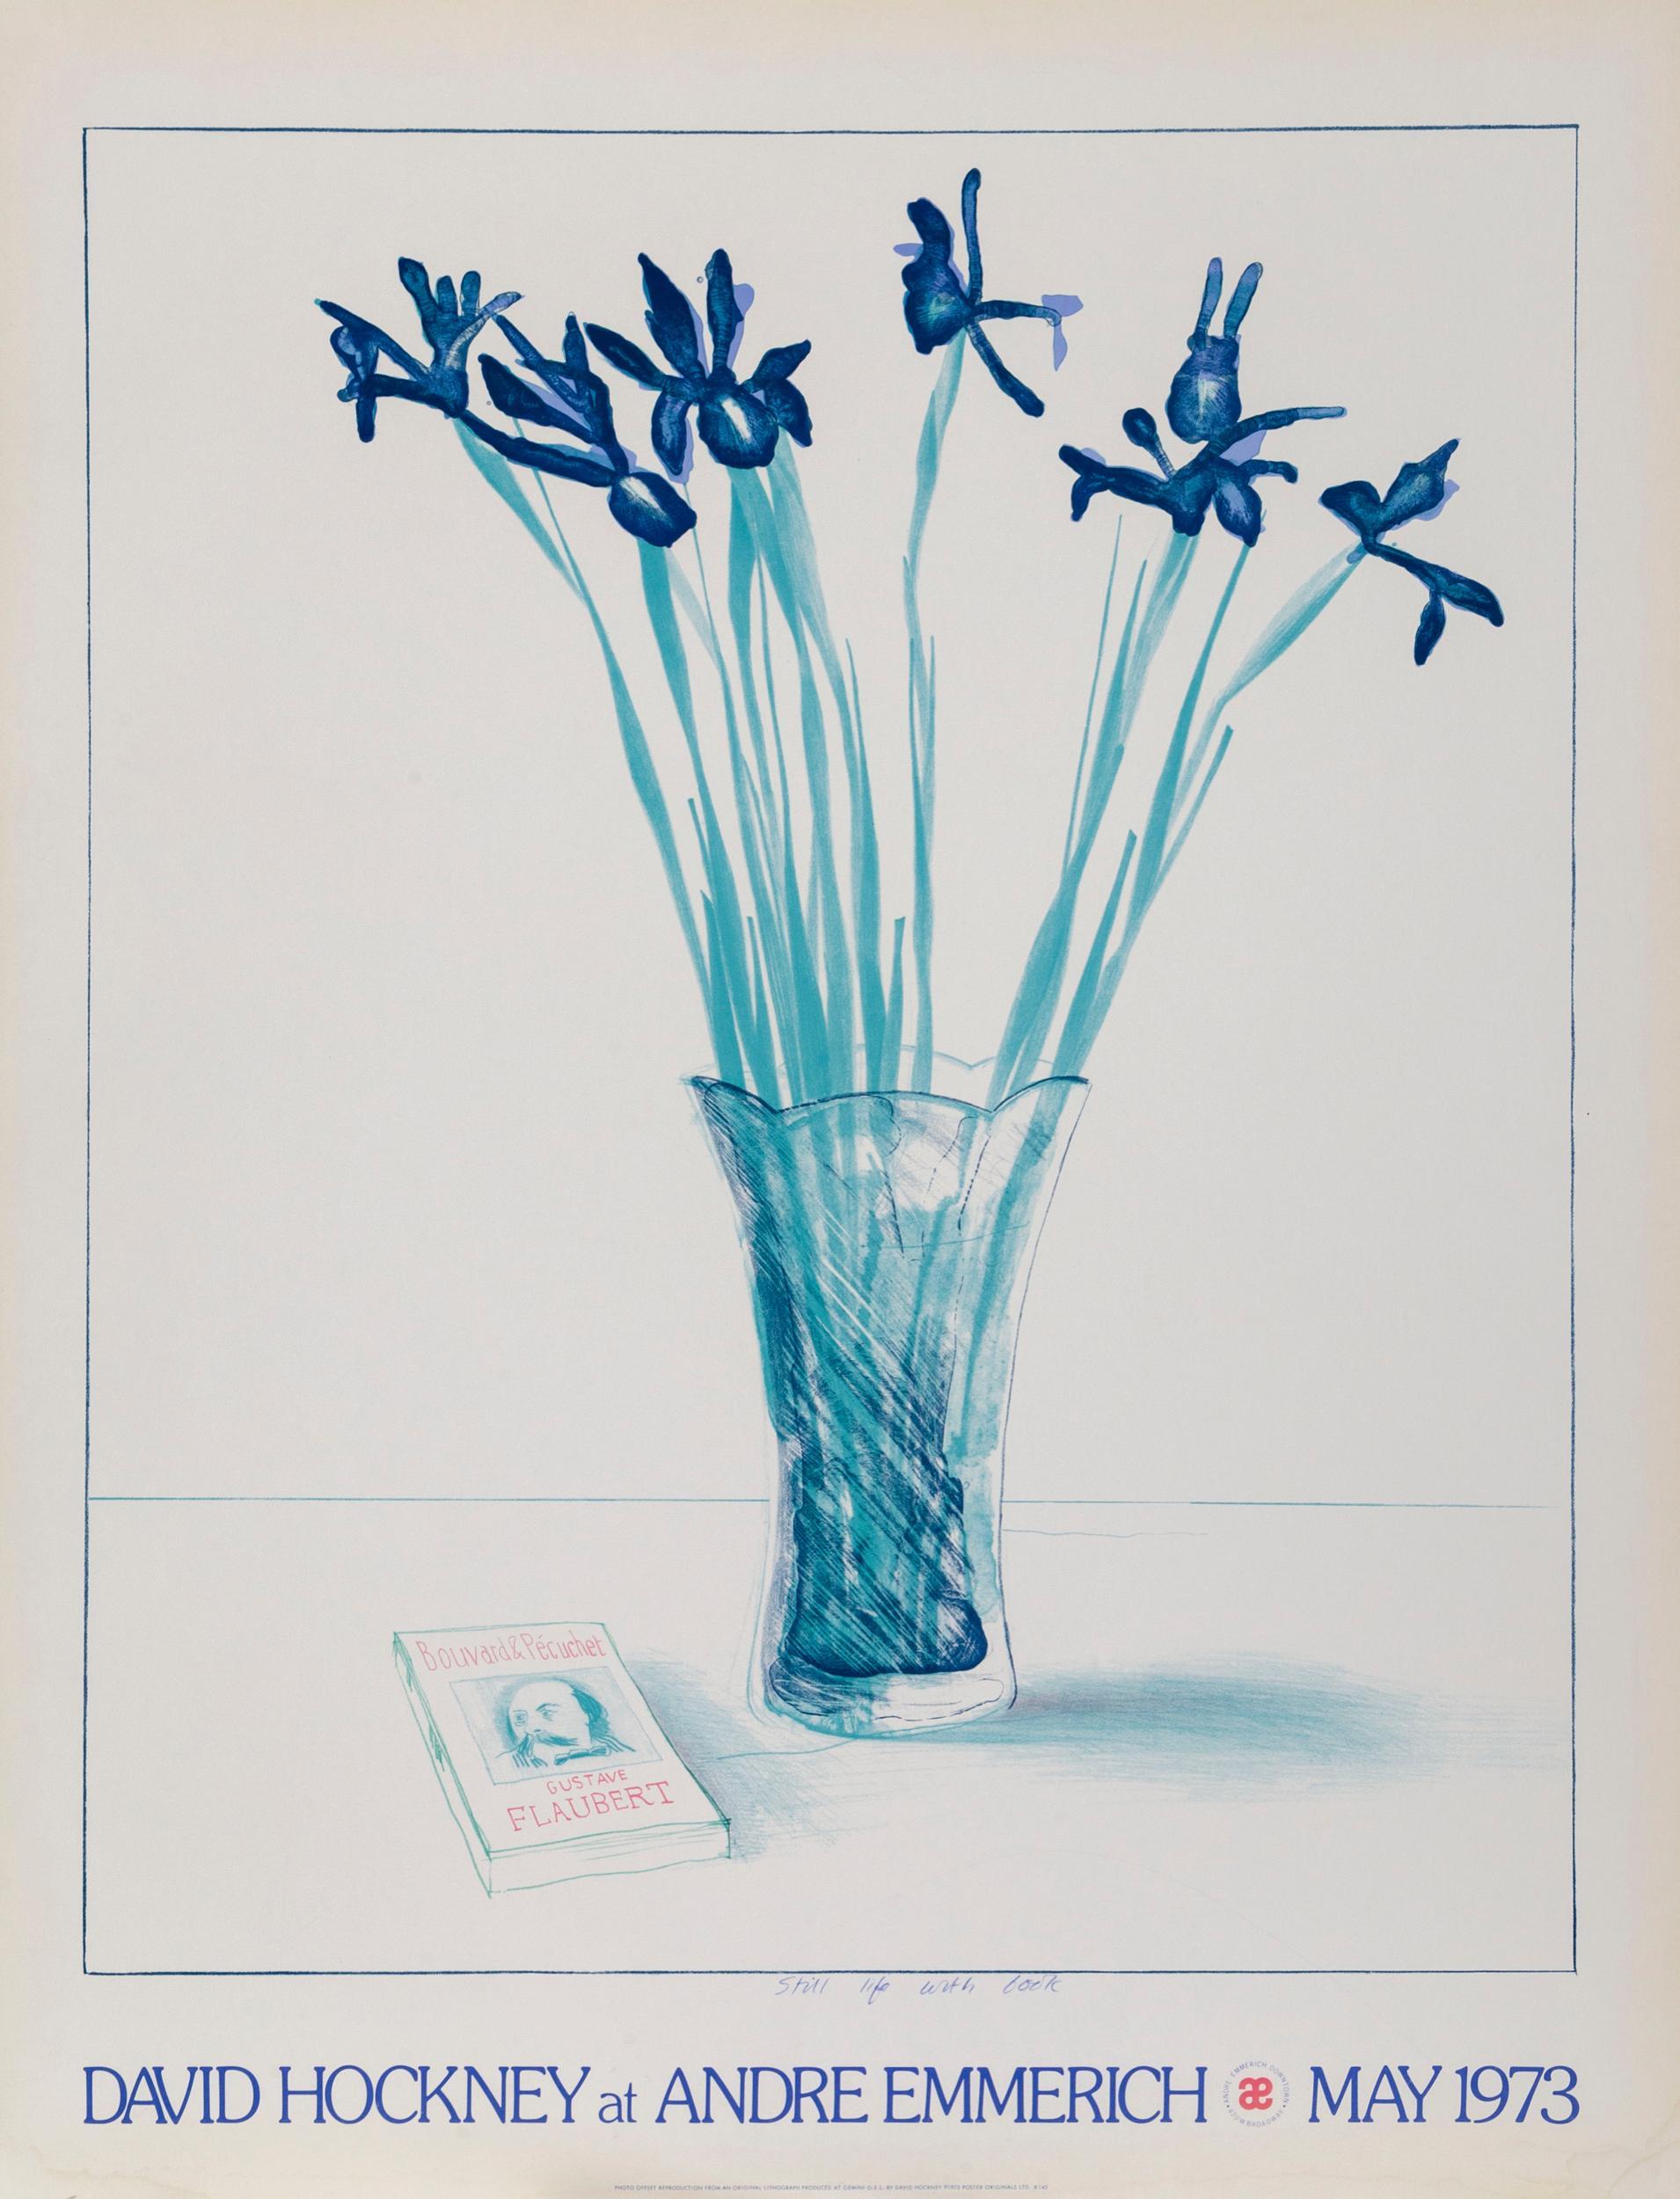 David Hockney, Still Life with Vase, Poster